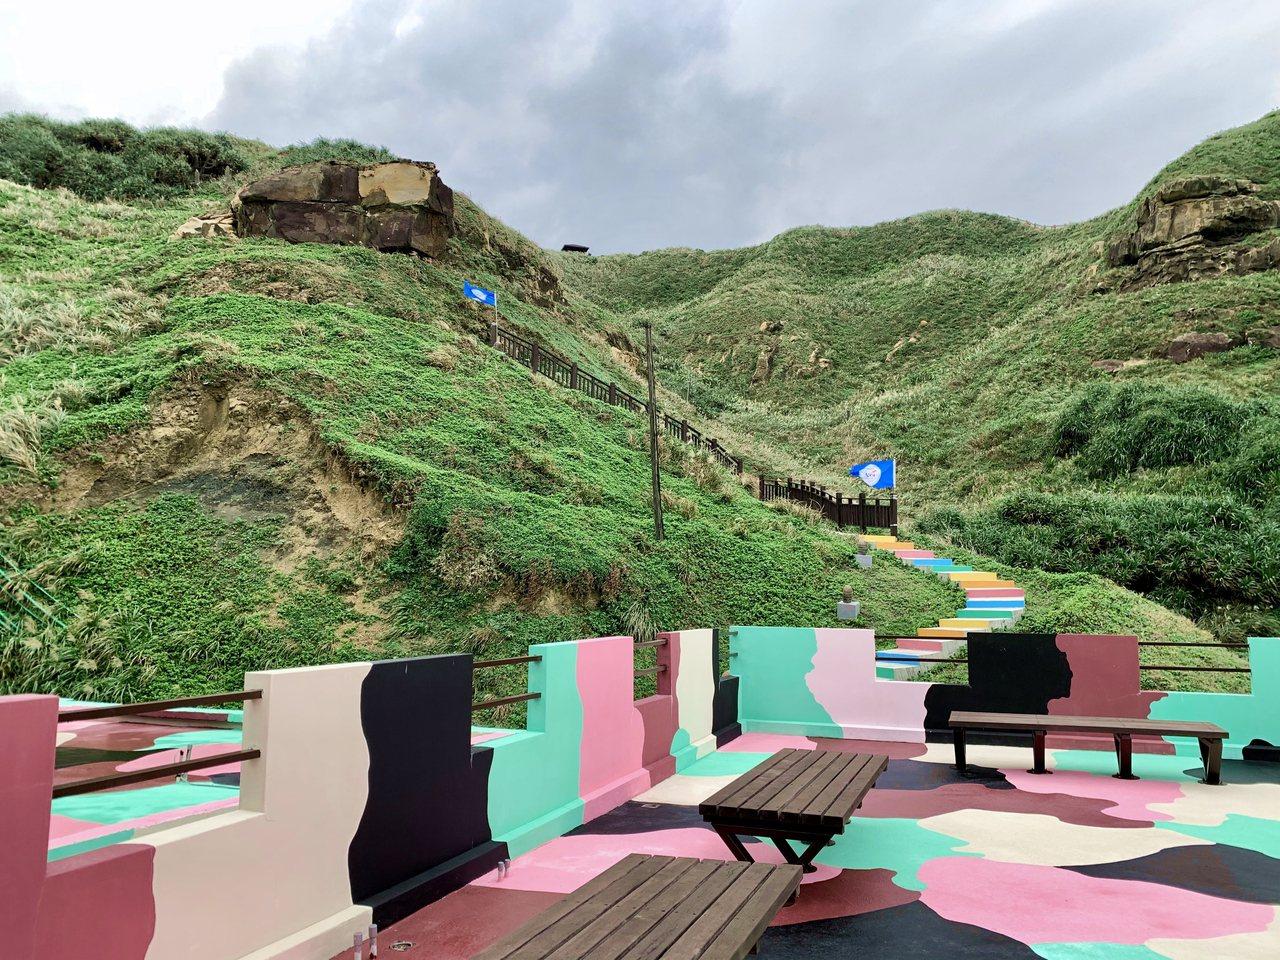 塗上粉紅迷彩的聽濤營區,從營區二樓往上能看見彩虹階梯。記者張芳瑜/攝影